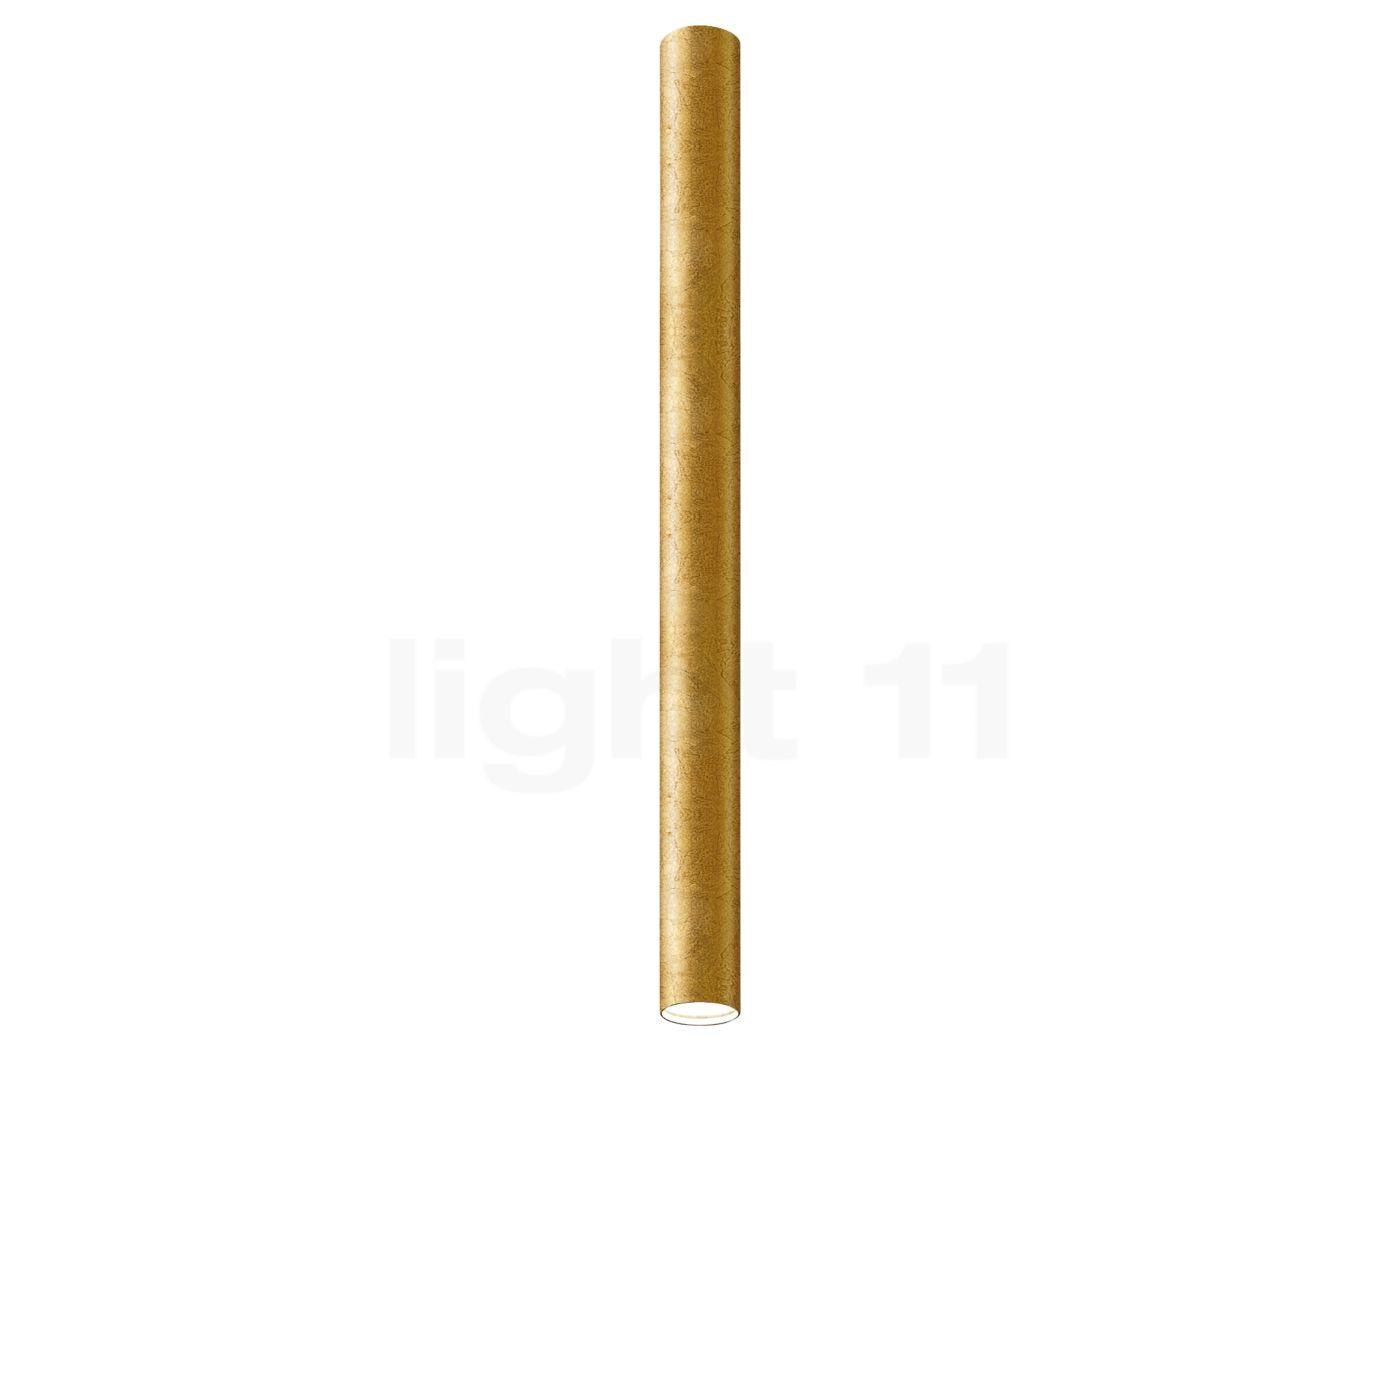 To_be_Deckenleuchte_LED_gold--9bed925209c4ea8992b65ca2d4fd95ec Spannende Lampe Mit Mehreren Schirmen Dekorationen